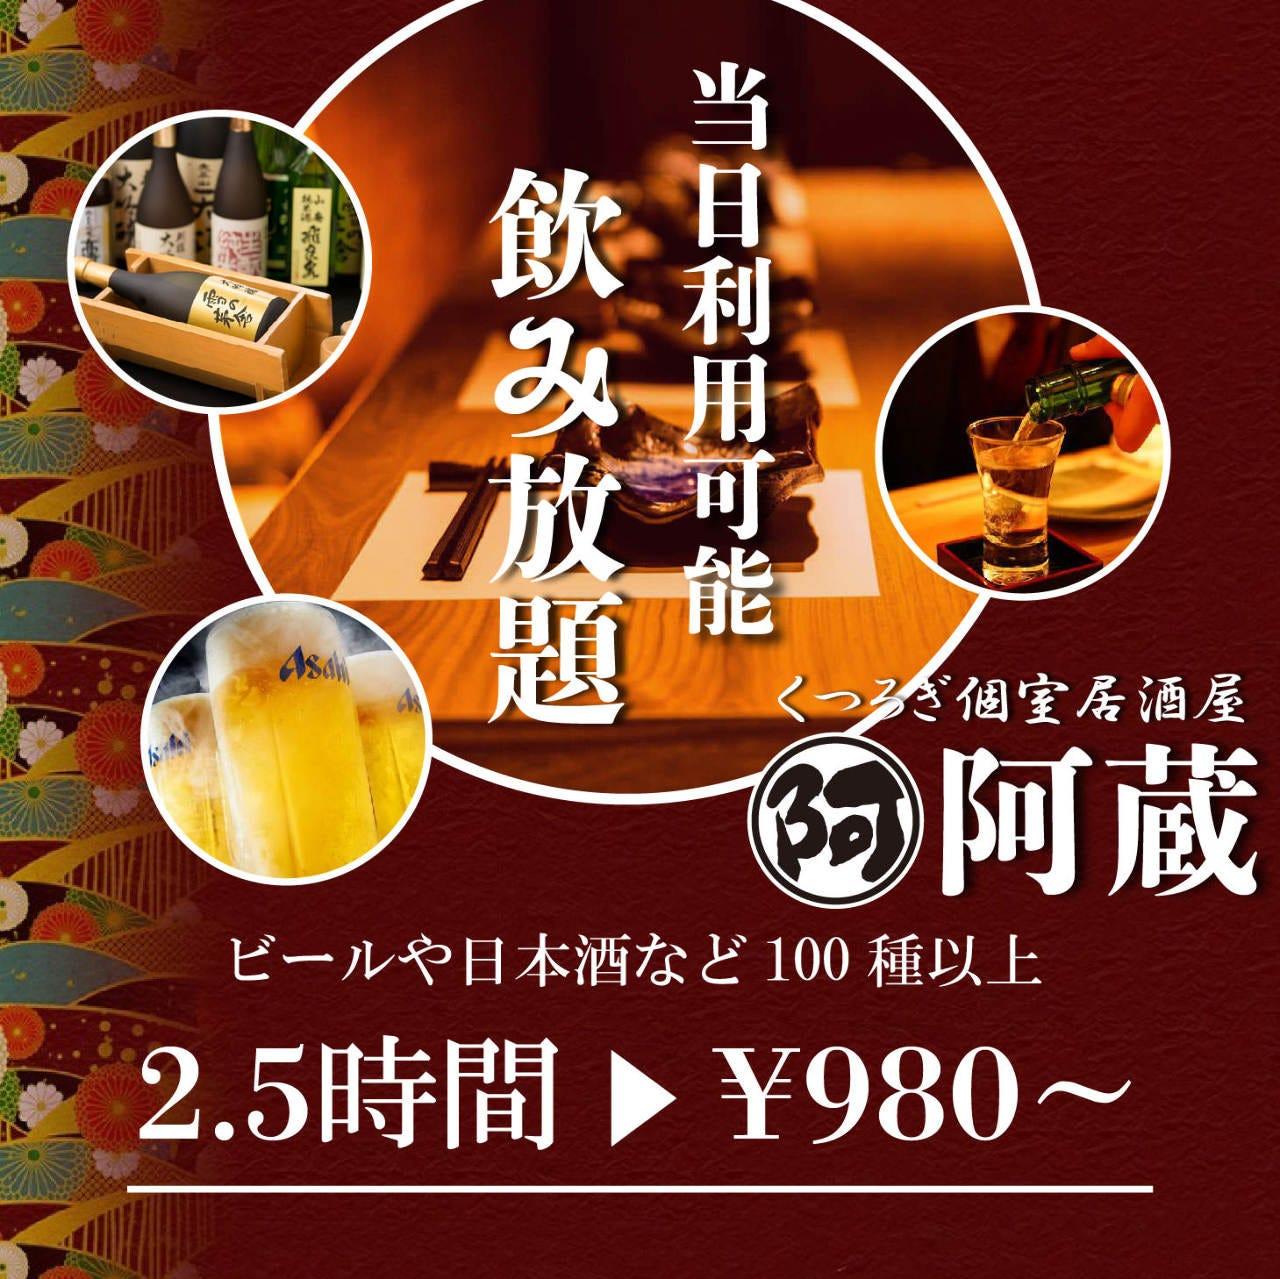 【お得】2.5時間飲み放題980円!!